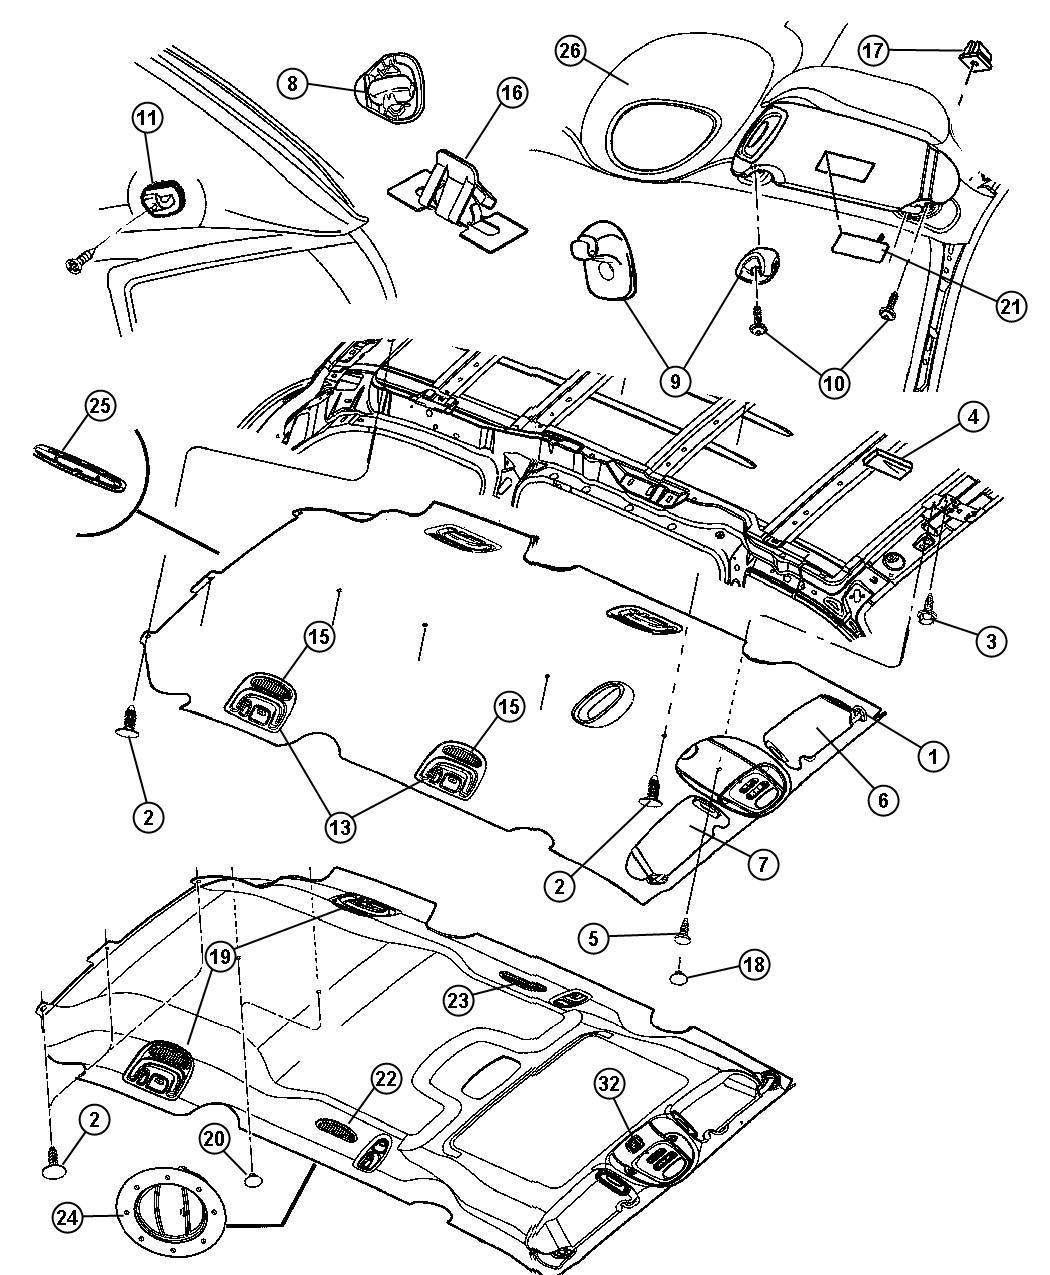 [DIAGRAM] Honda 185 Atc Wiring Diagram FULL Version HD